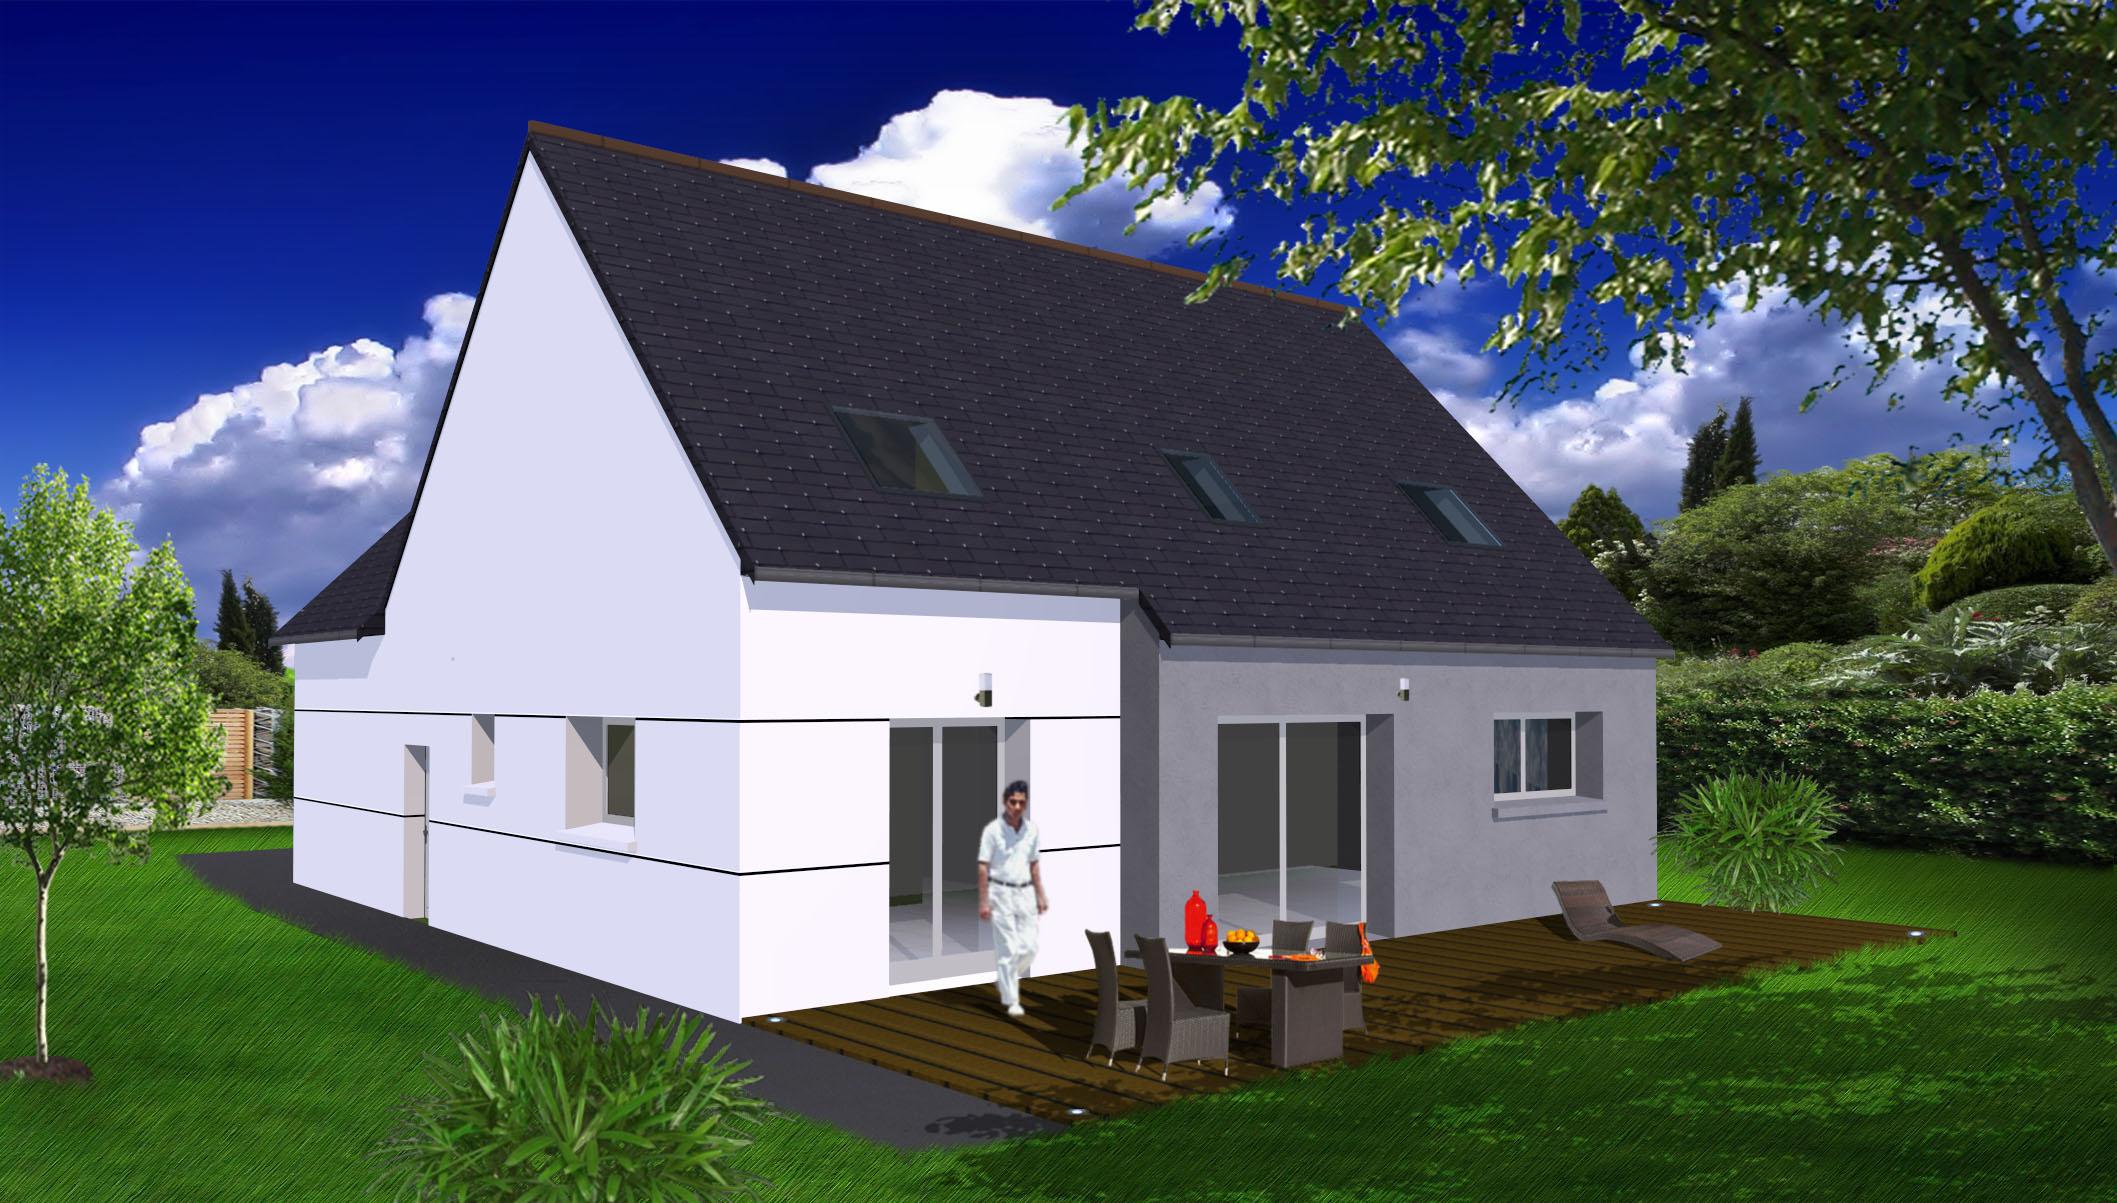 prix d une maison bbc de 100m2 stunning cout d une maison neuve cout maison combien coute une. Black Bedroom Furniture Sets. Home Design Ideas